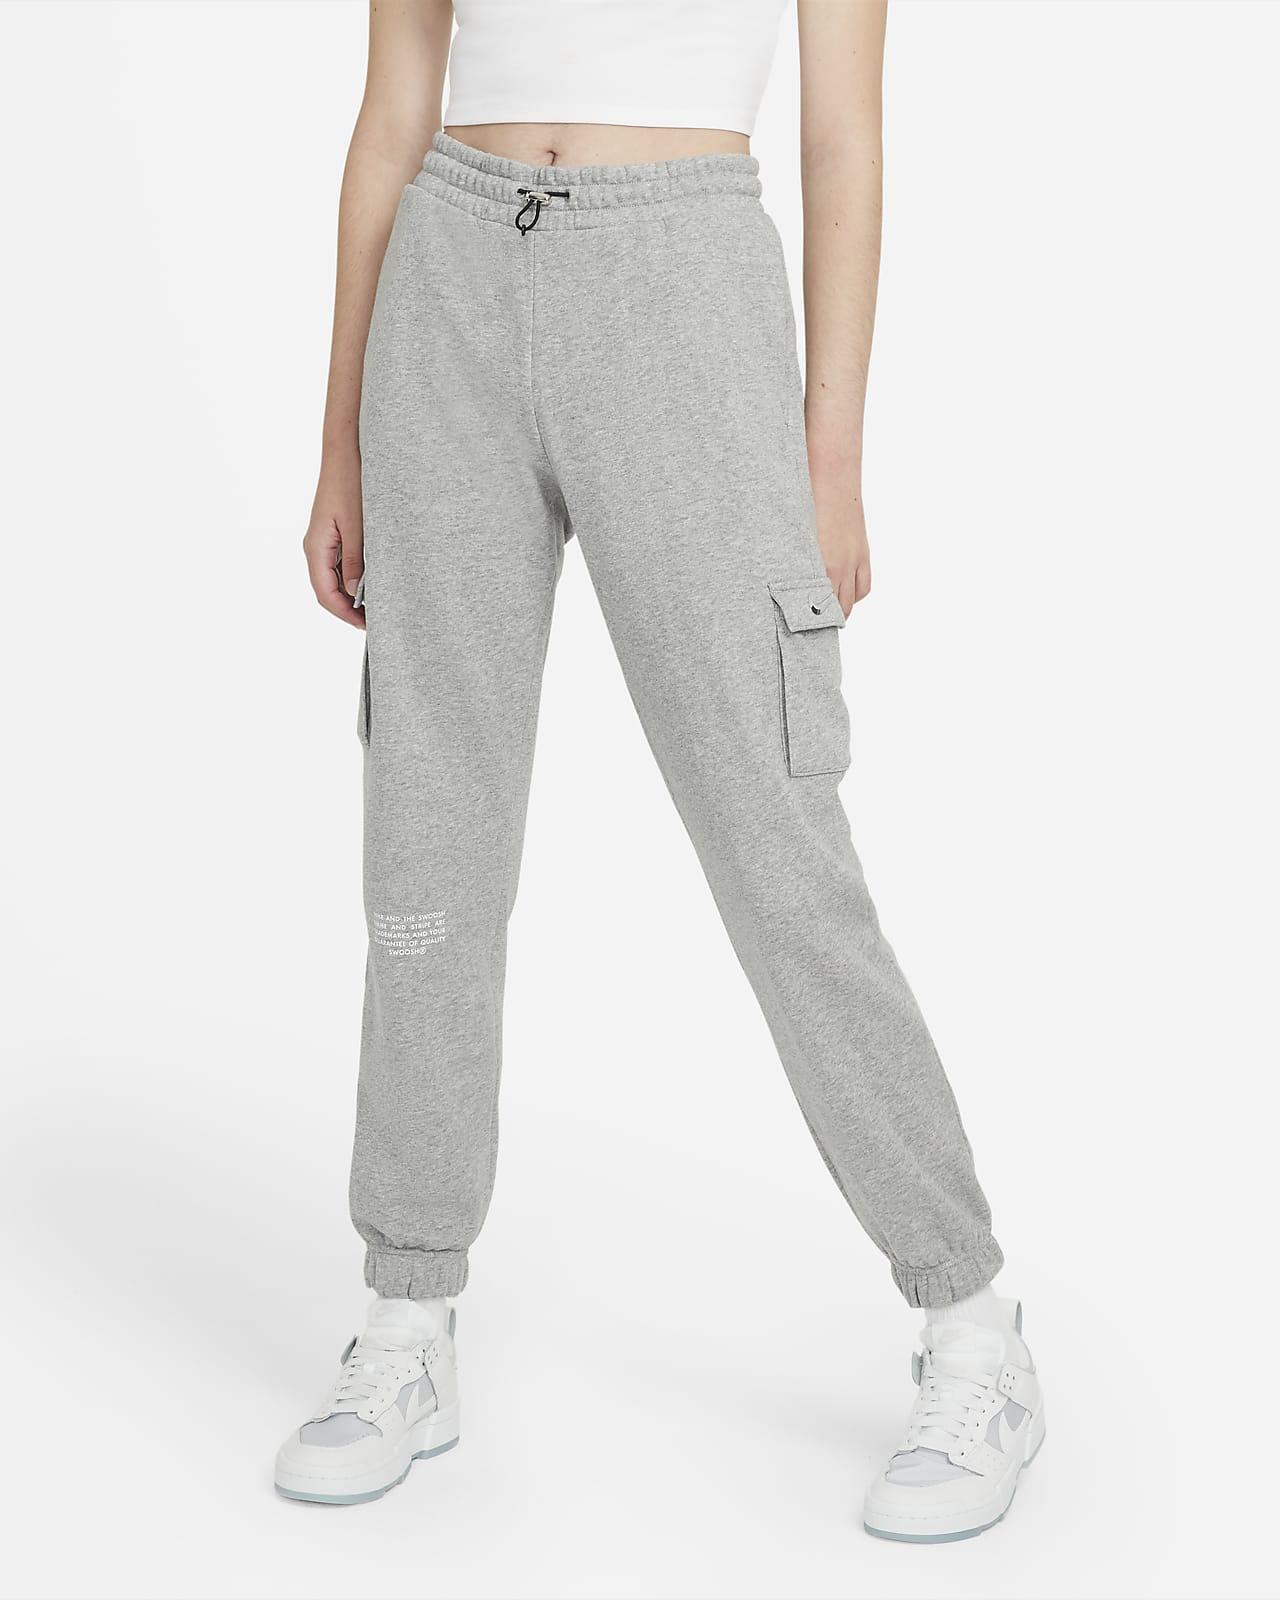 Pantalon en molleton Nike Sportswear Swoosh pour Femme